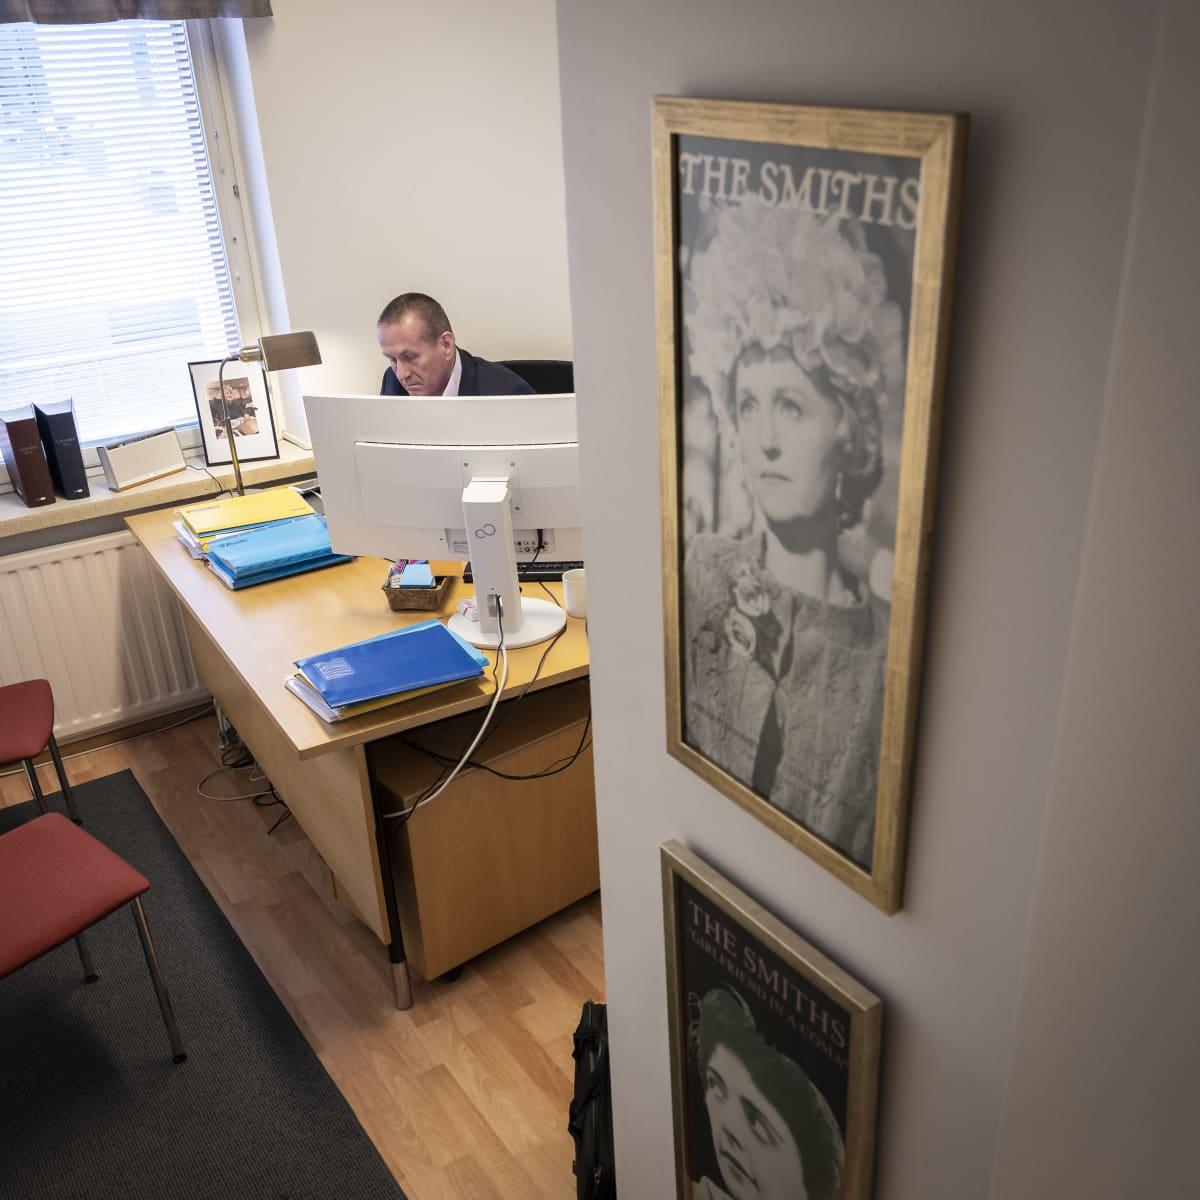 Mies istuu työhuoneessaan pöydän ääressä.